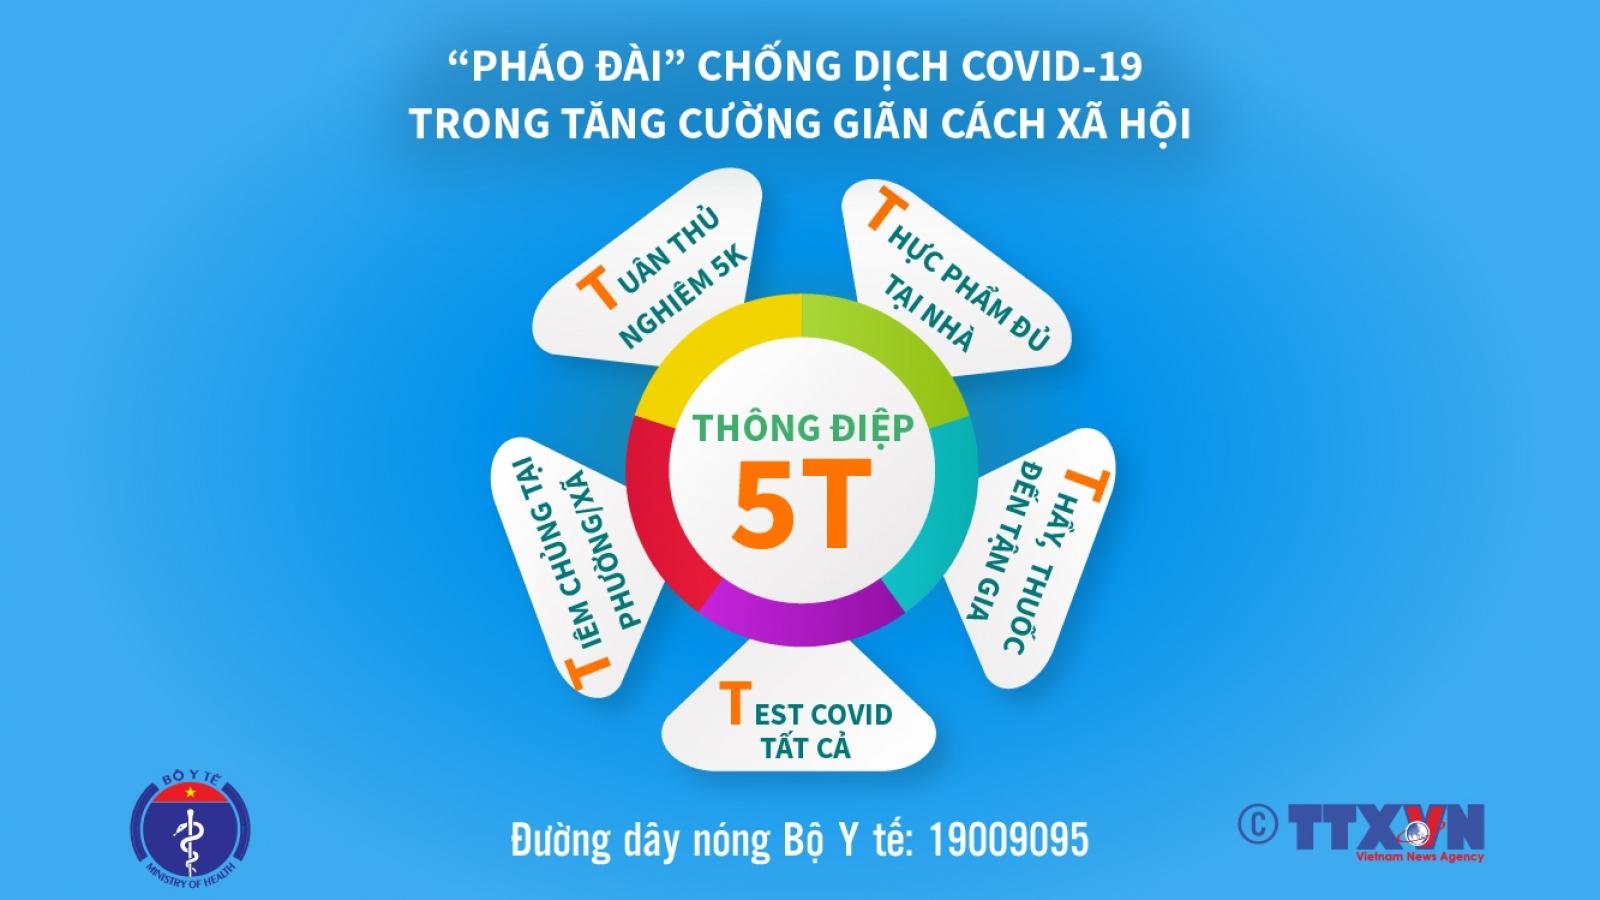 Bộ Y tế đẩy mạnh thực hiện 5K và thông điệp 5T để kiểm soát COVID-19